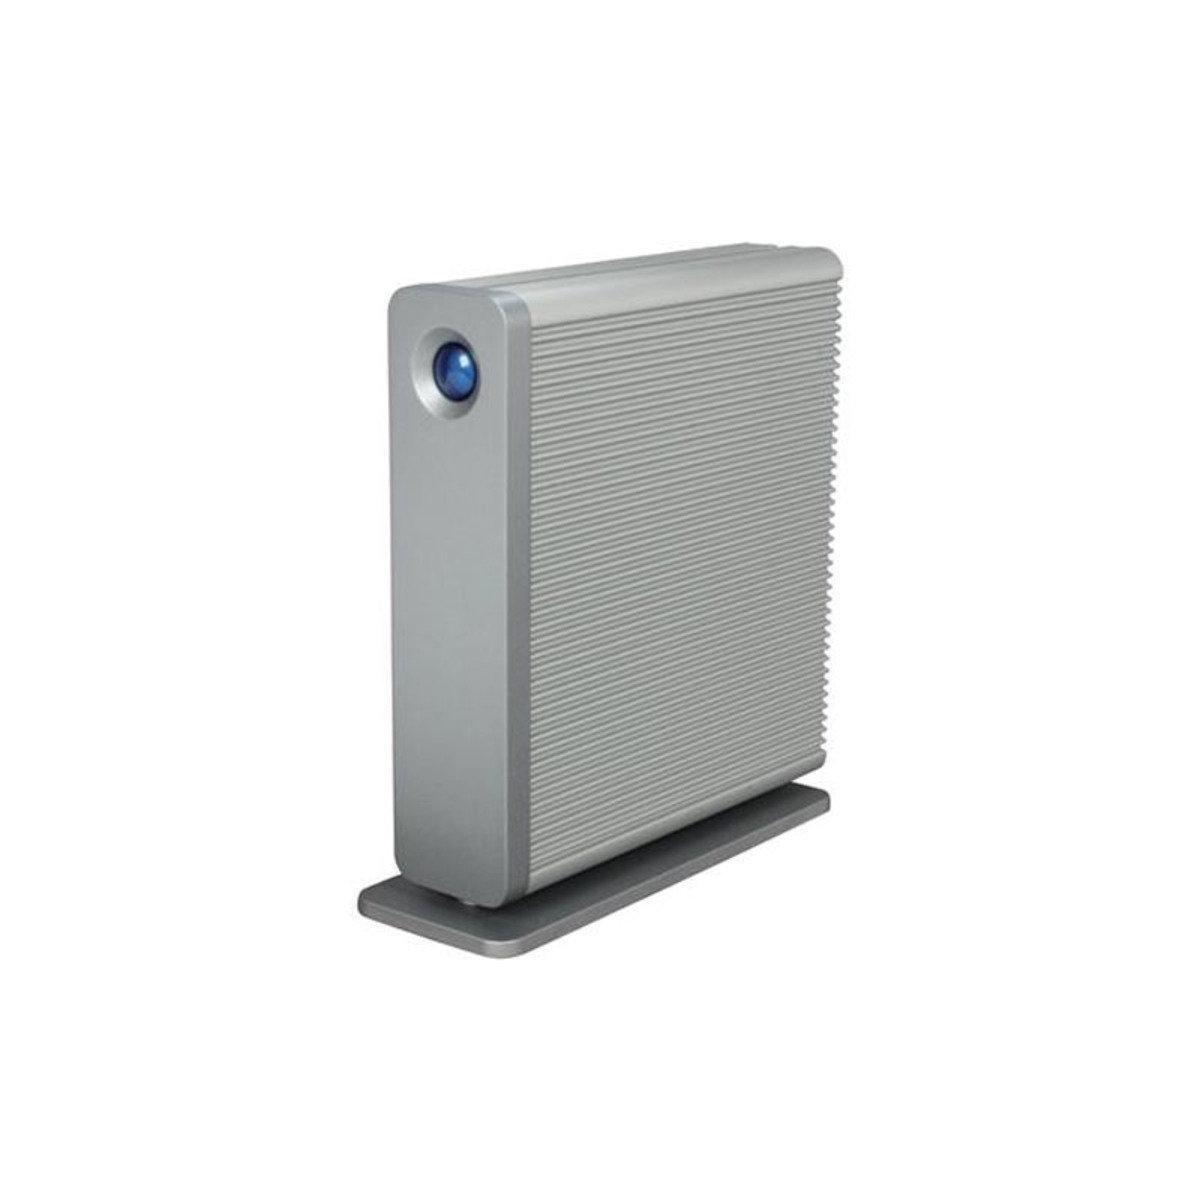 d2 Quadra USB3.0 5TB 3.5吋 外置硬碟 9000481